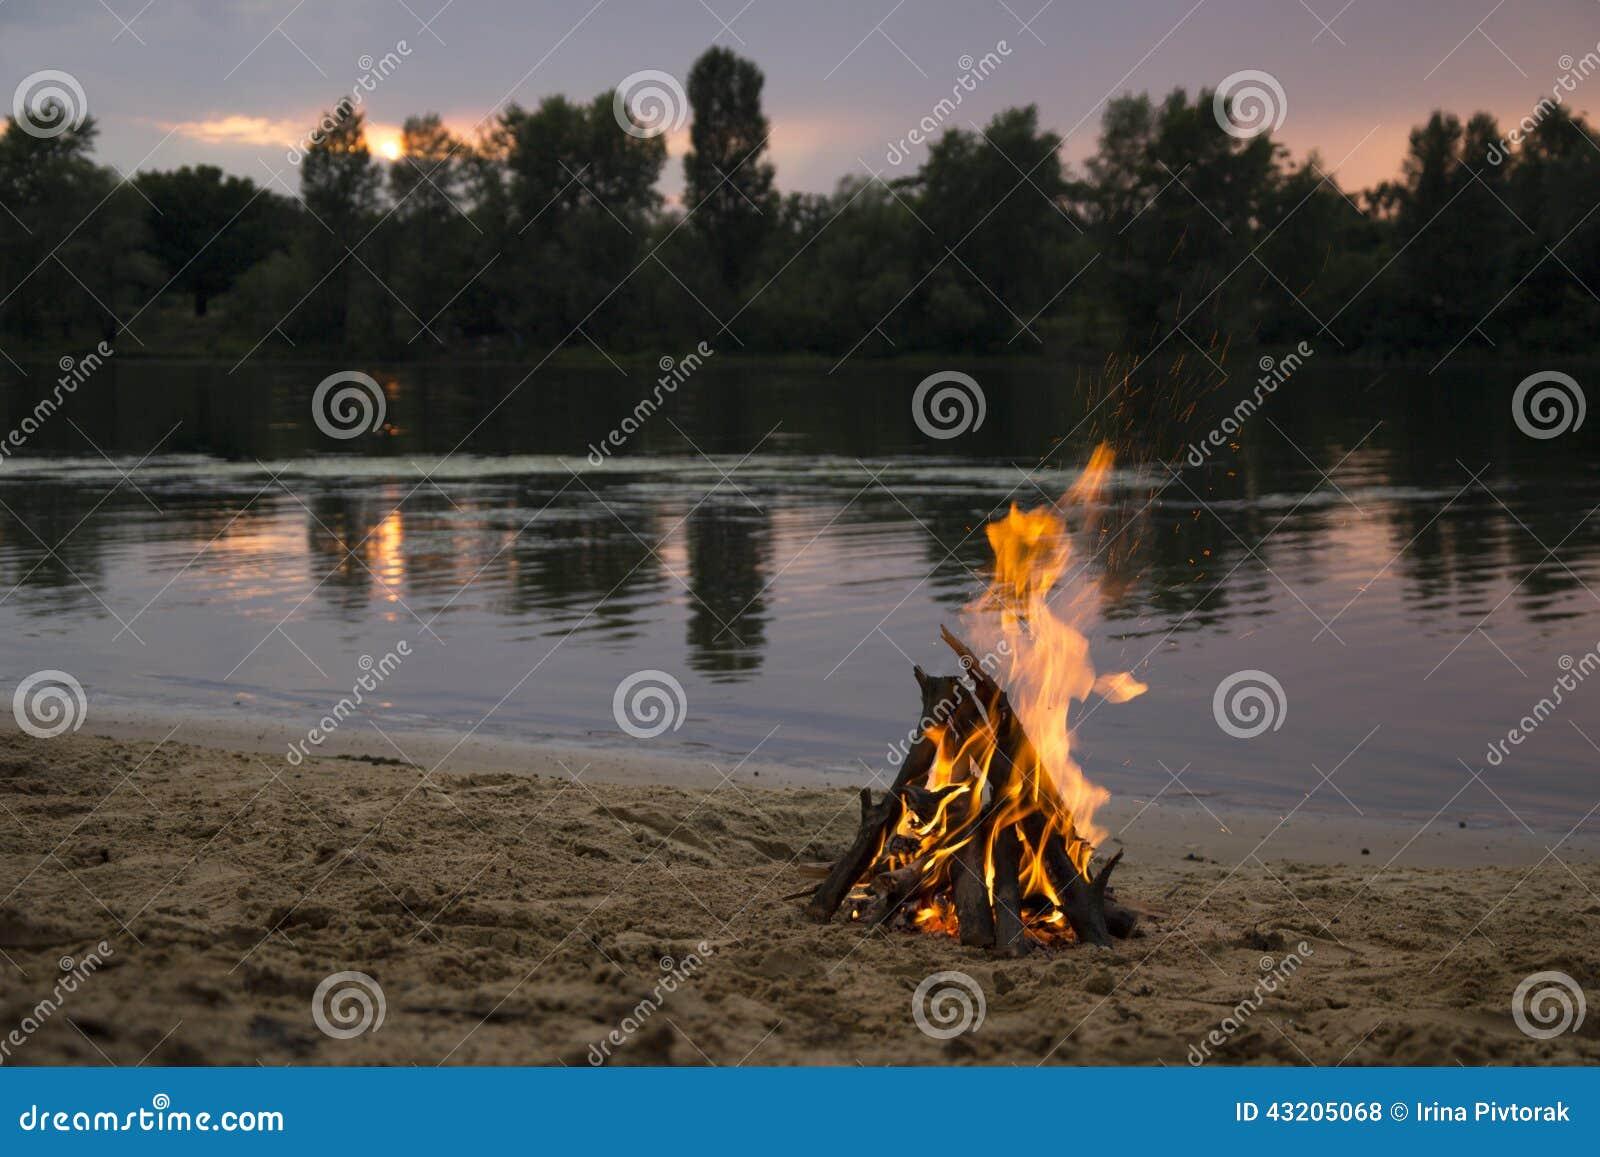 Download Brasa På Banken Av Floden På Solnedgången Arkivfoto - Bild av bränt, horisont: 43205068